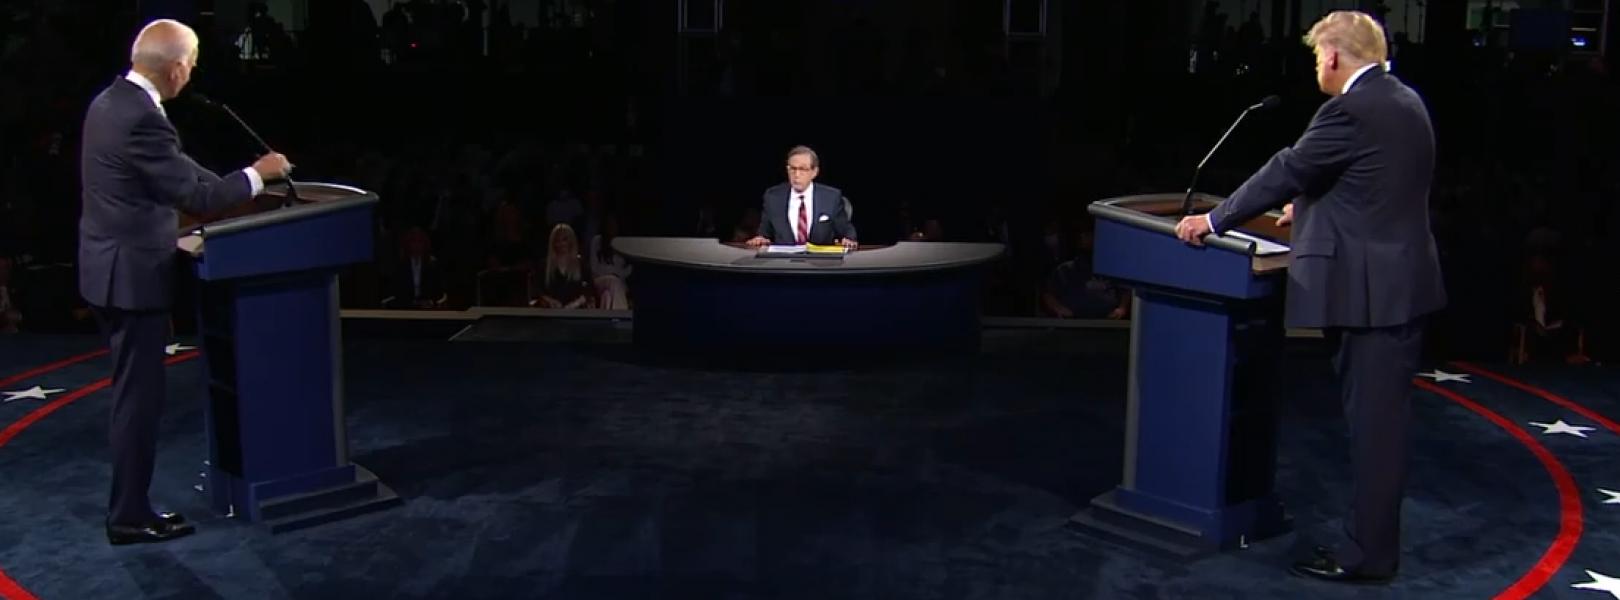 First 2020 Presidential Debate